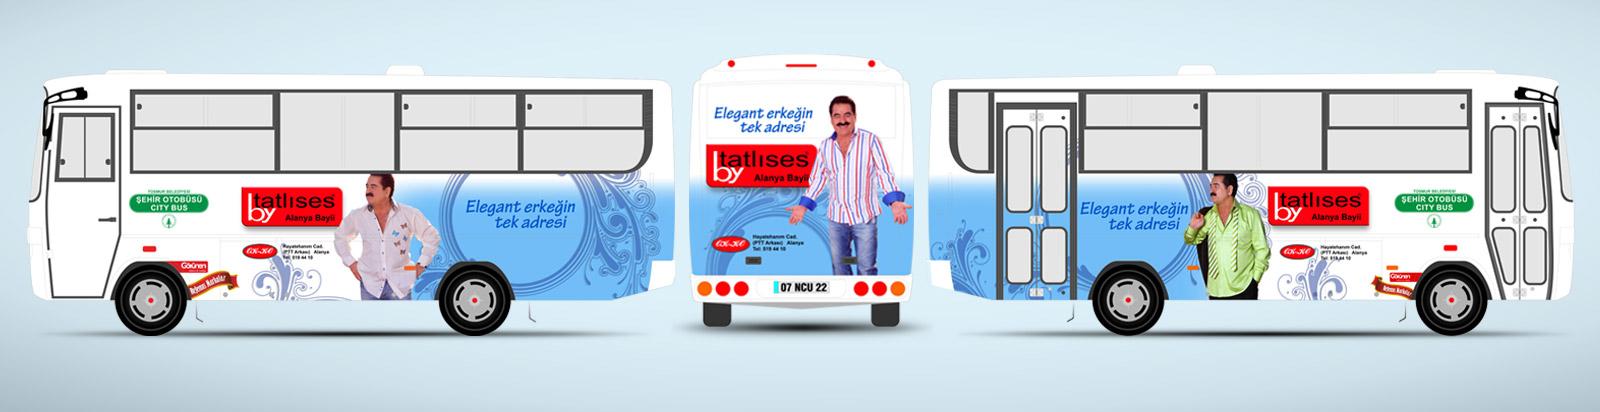 Halk Otobüsü Reklamı - By Tatlıses Giyim Mağazası